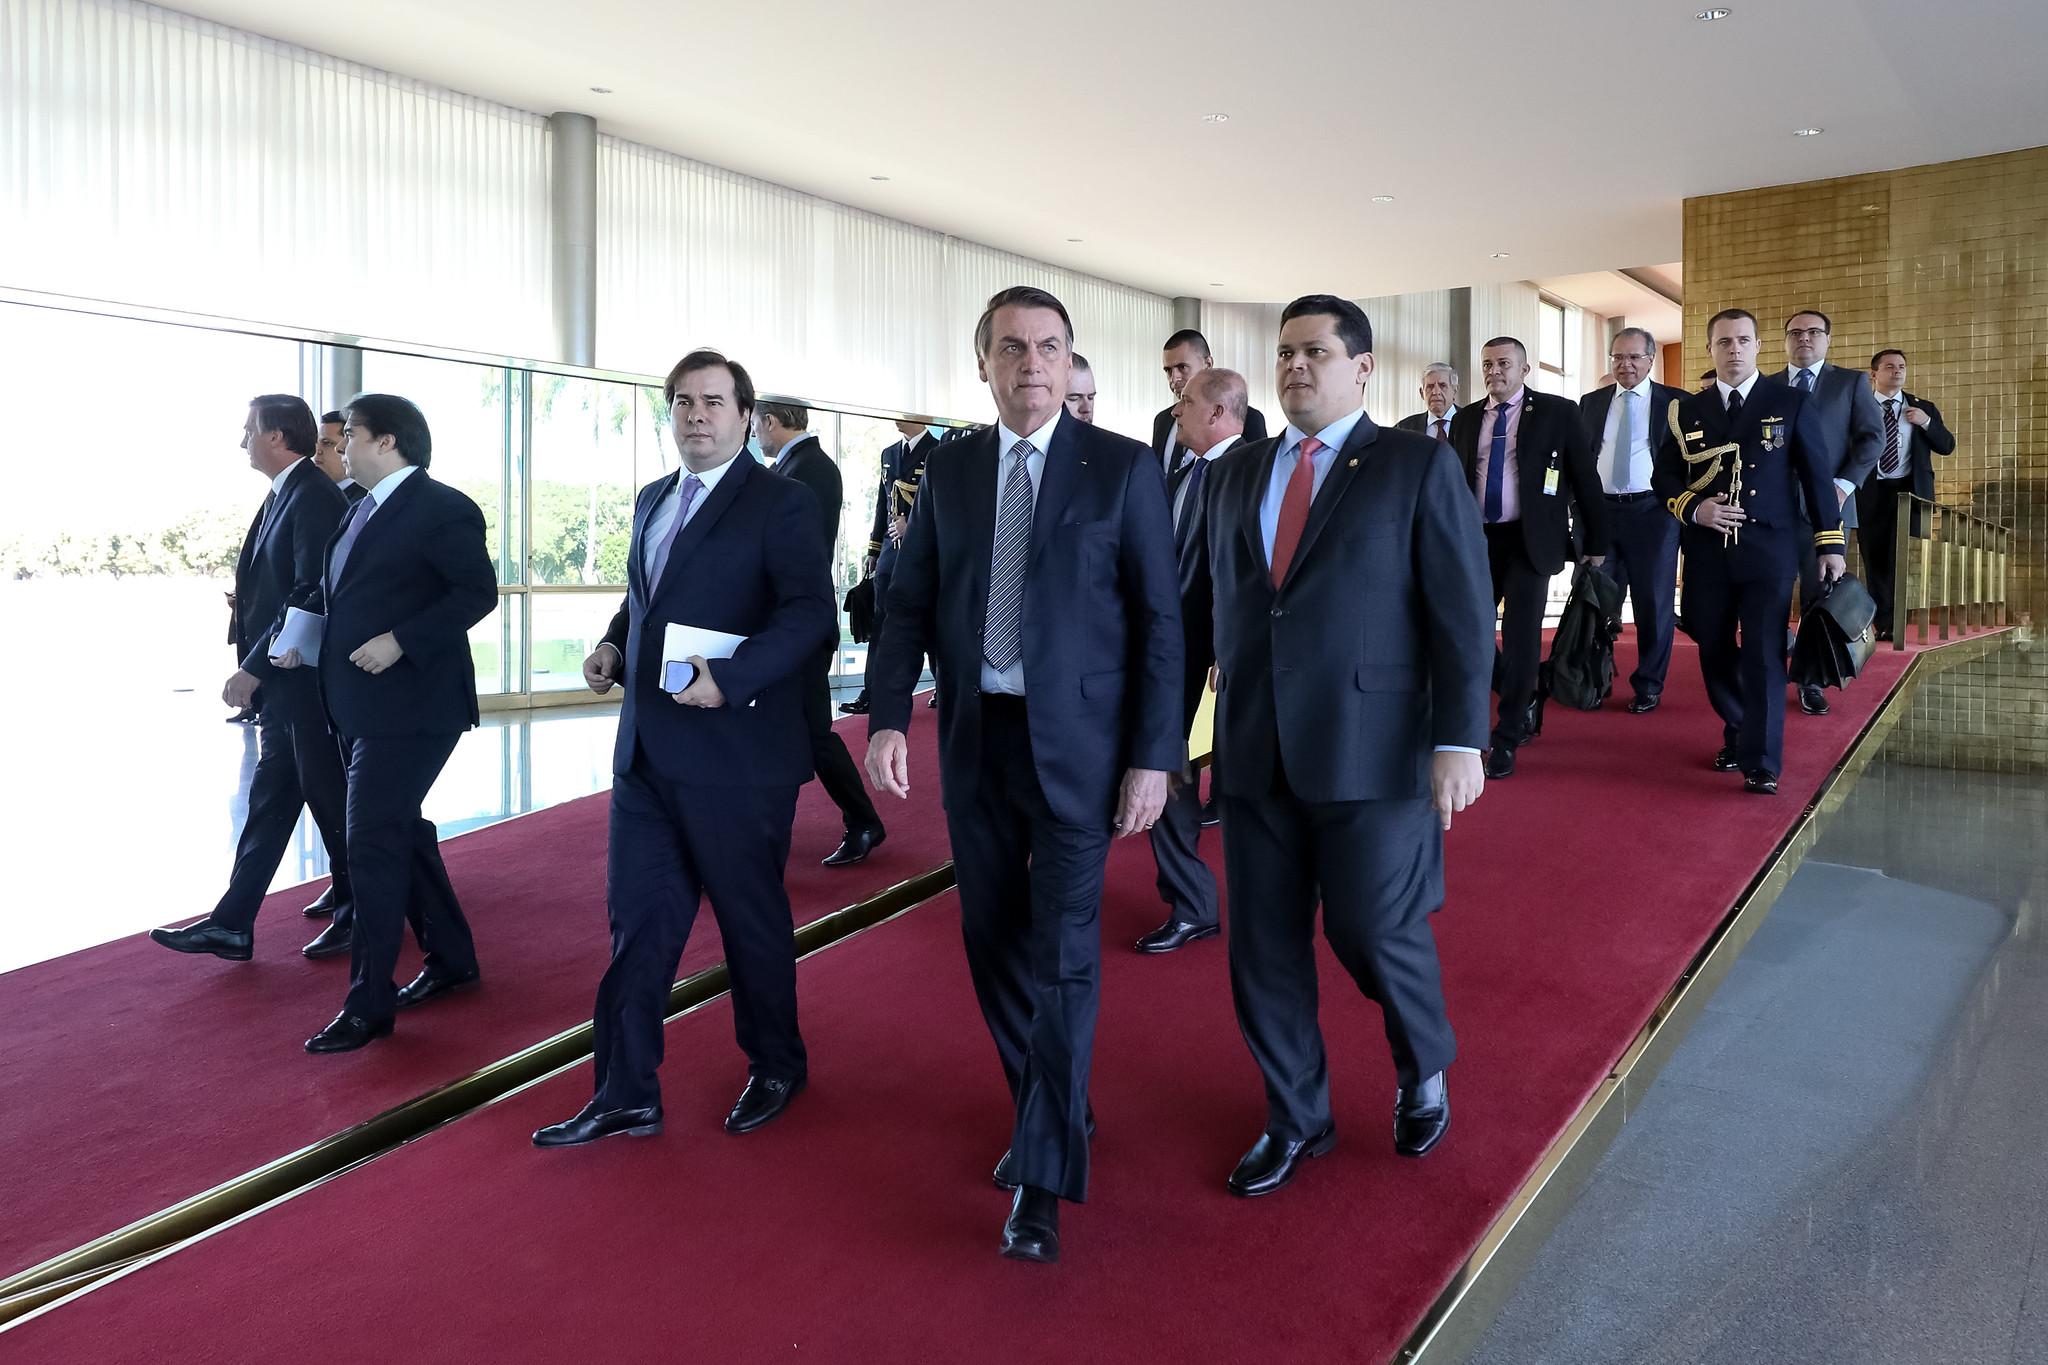 Fotos do Dia - presidente Câmara Rodrigo Maia presidente Senado Davi Alcolumbre presidente República Jair Bolsonaro café da manhã